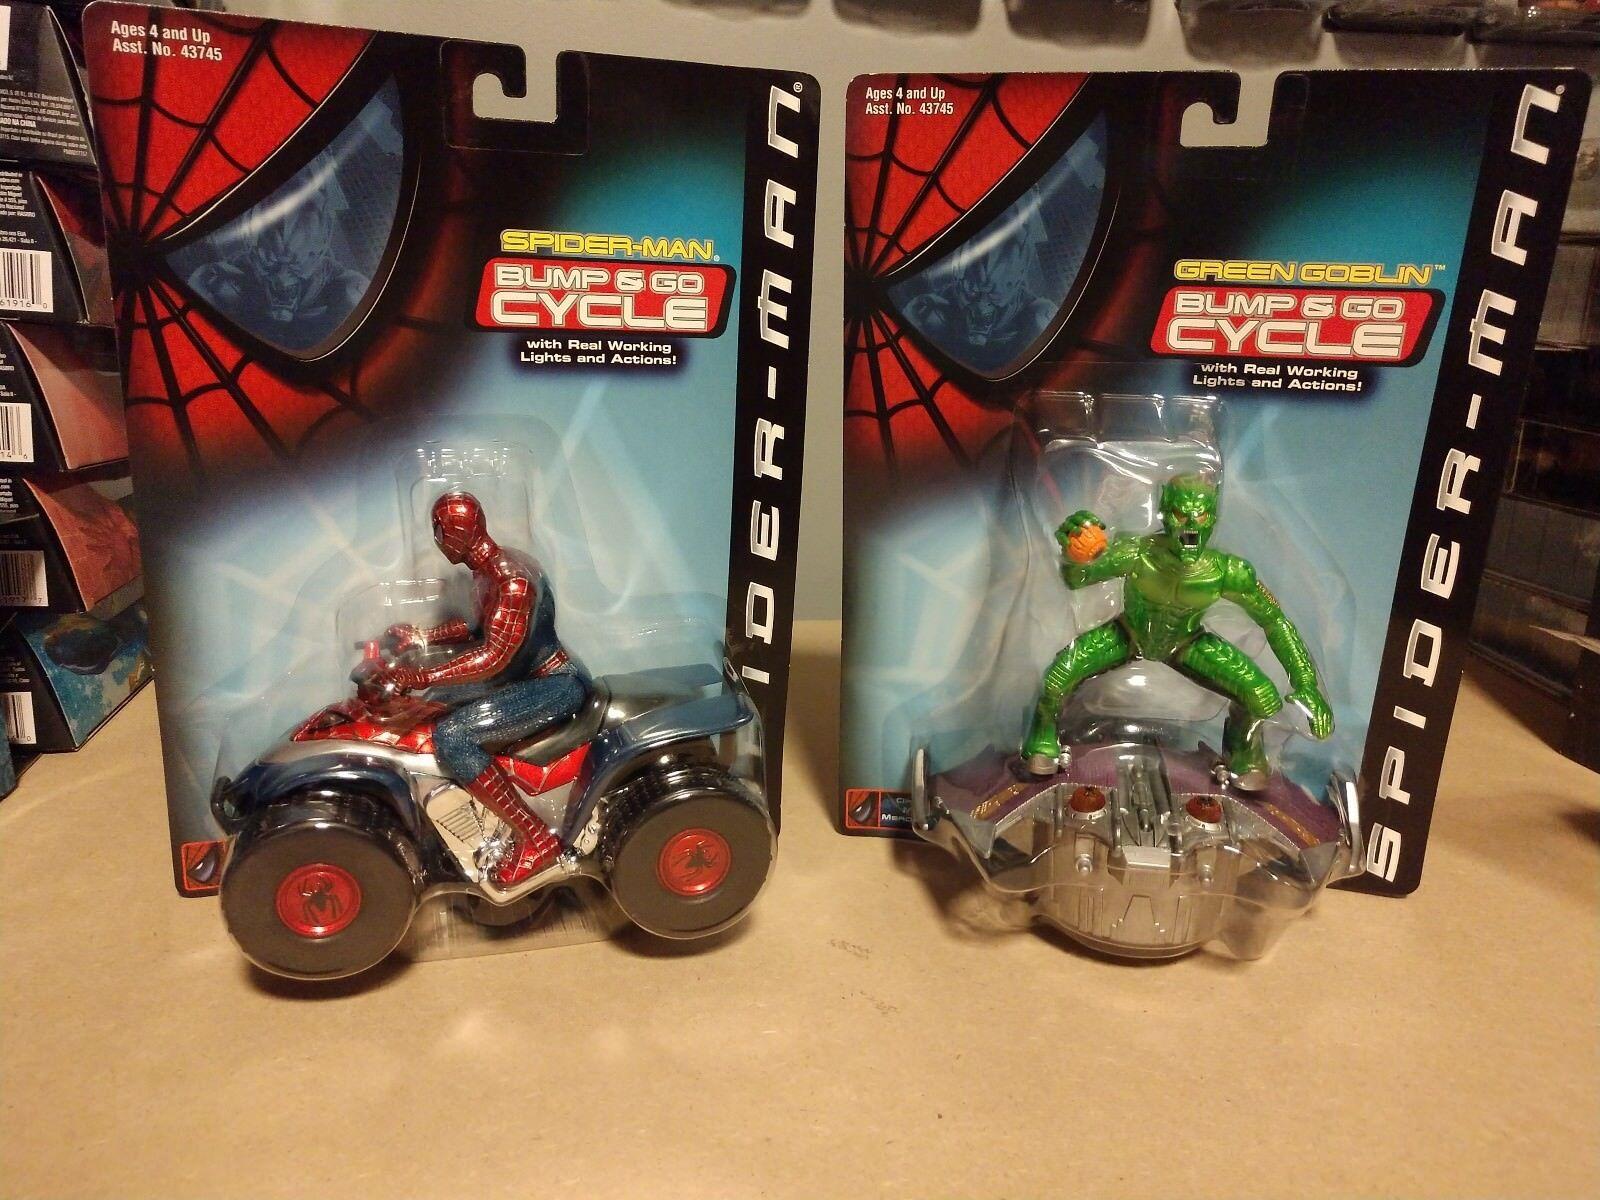 2001 nouveau Spider-Man the Movie vert  Goblin & Spider-Man Bump and Go Cycles, NICE  commandez maintenant avec gros rabais et livraison gratuite